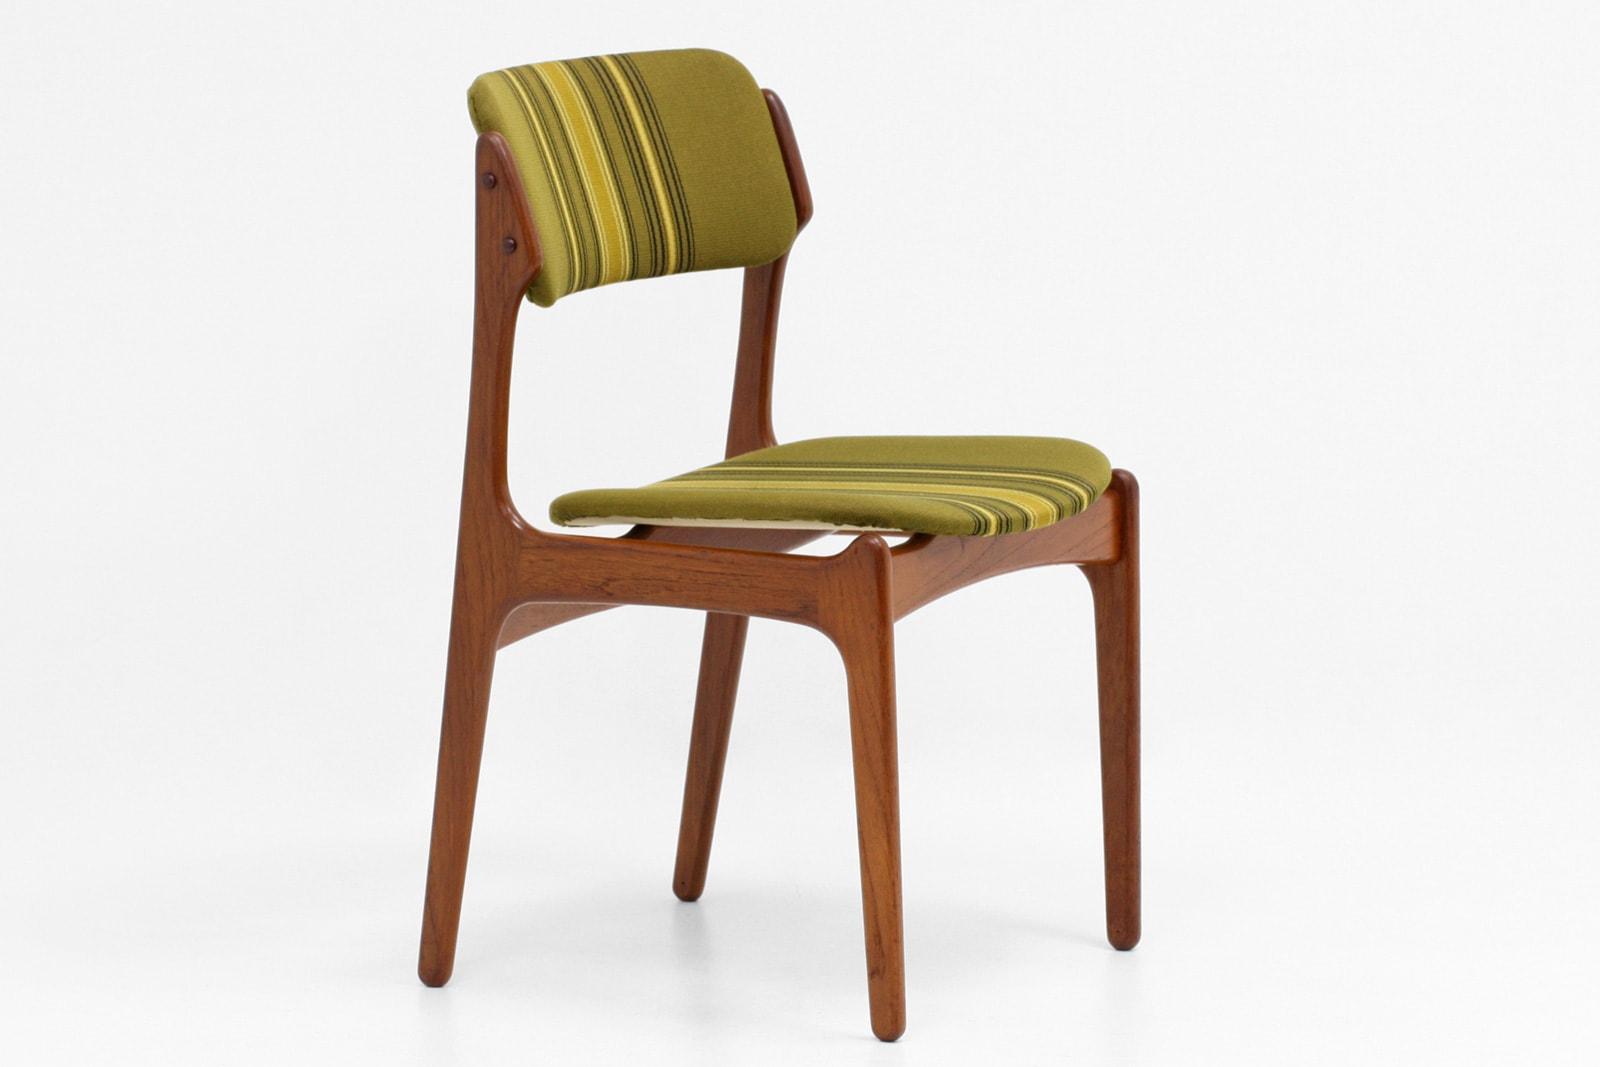 北欧,エリックバック,ErikBuch,model49,ダイニングチェア,椅子